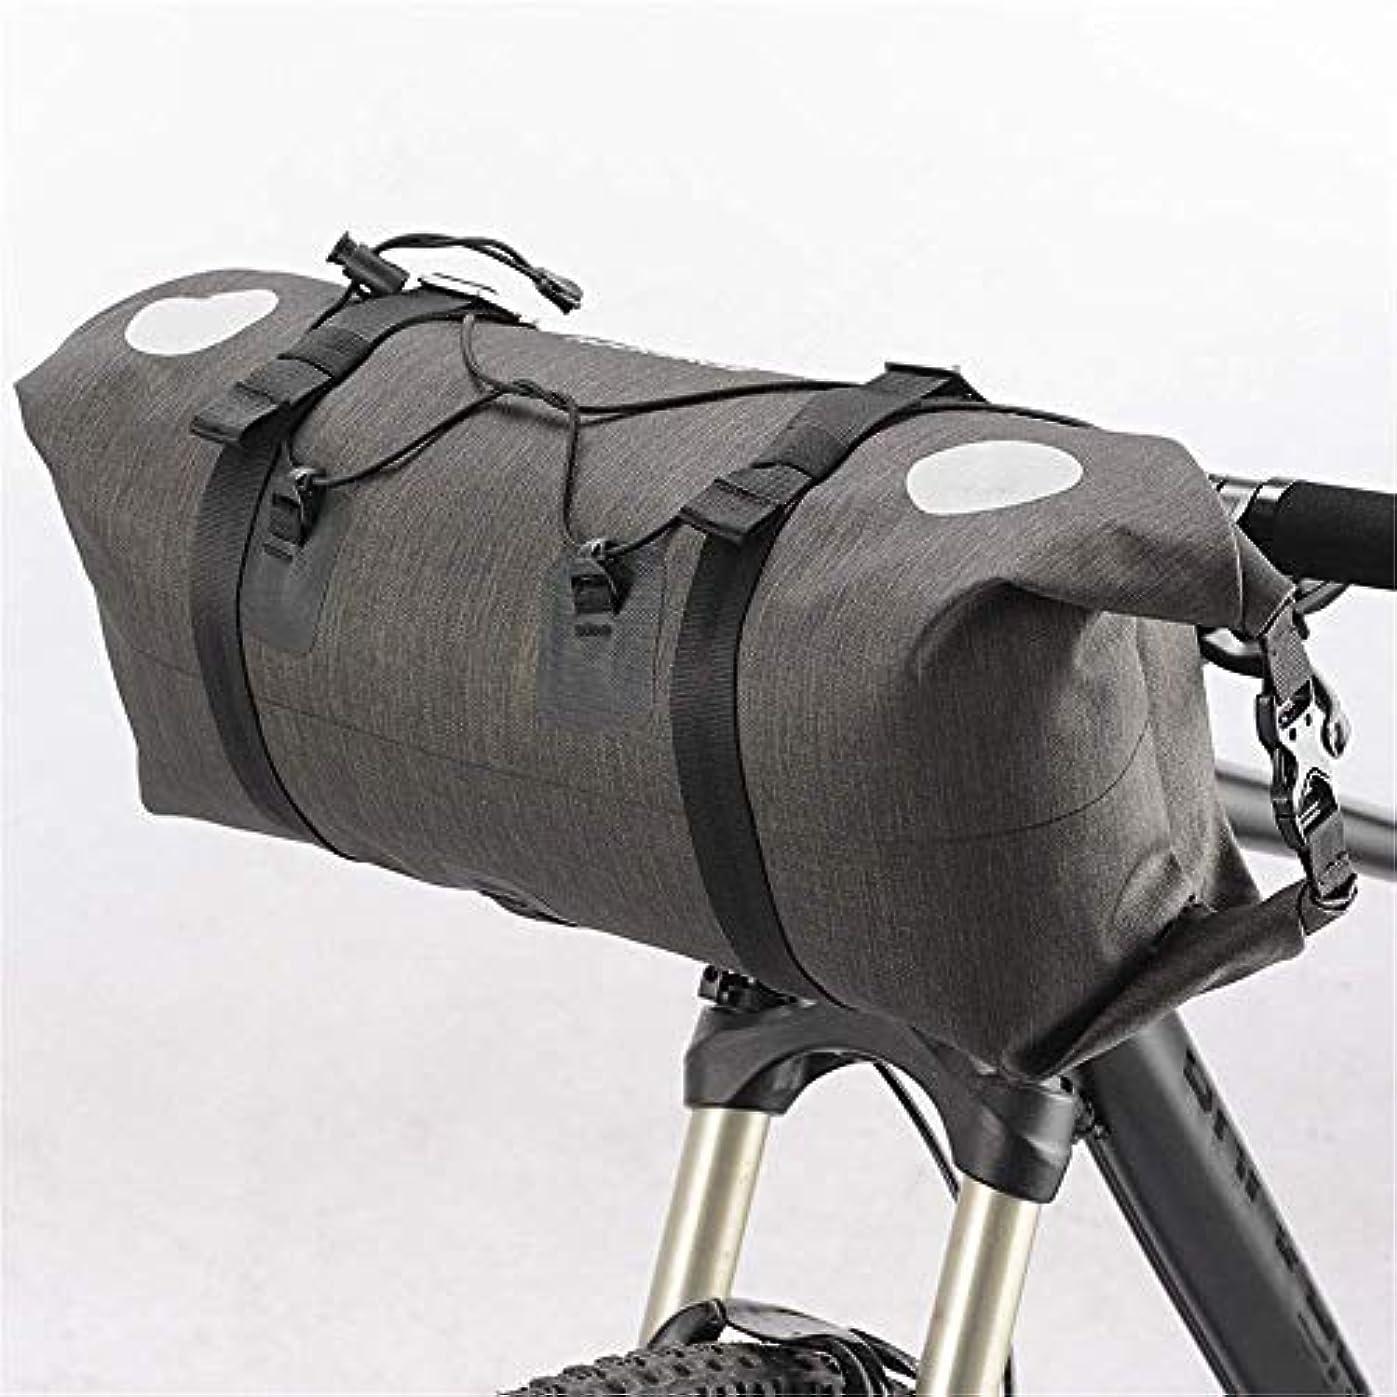 に対応スーツケース重荷サイクリングサドルバッグ、自転車バッグ防水14Lハンドルストレージバイクバッグ付き取り外し可能なショルダーストラップとフロント固定メッシュバイクフロントフレーム (Color : Grey, Size : 14L)